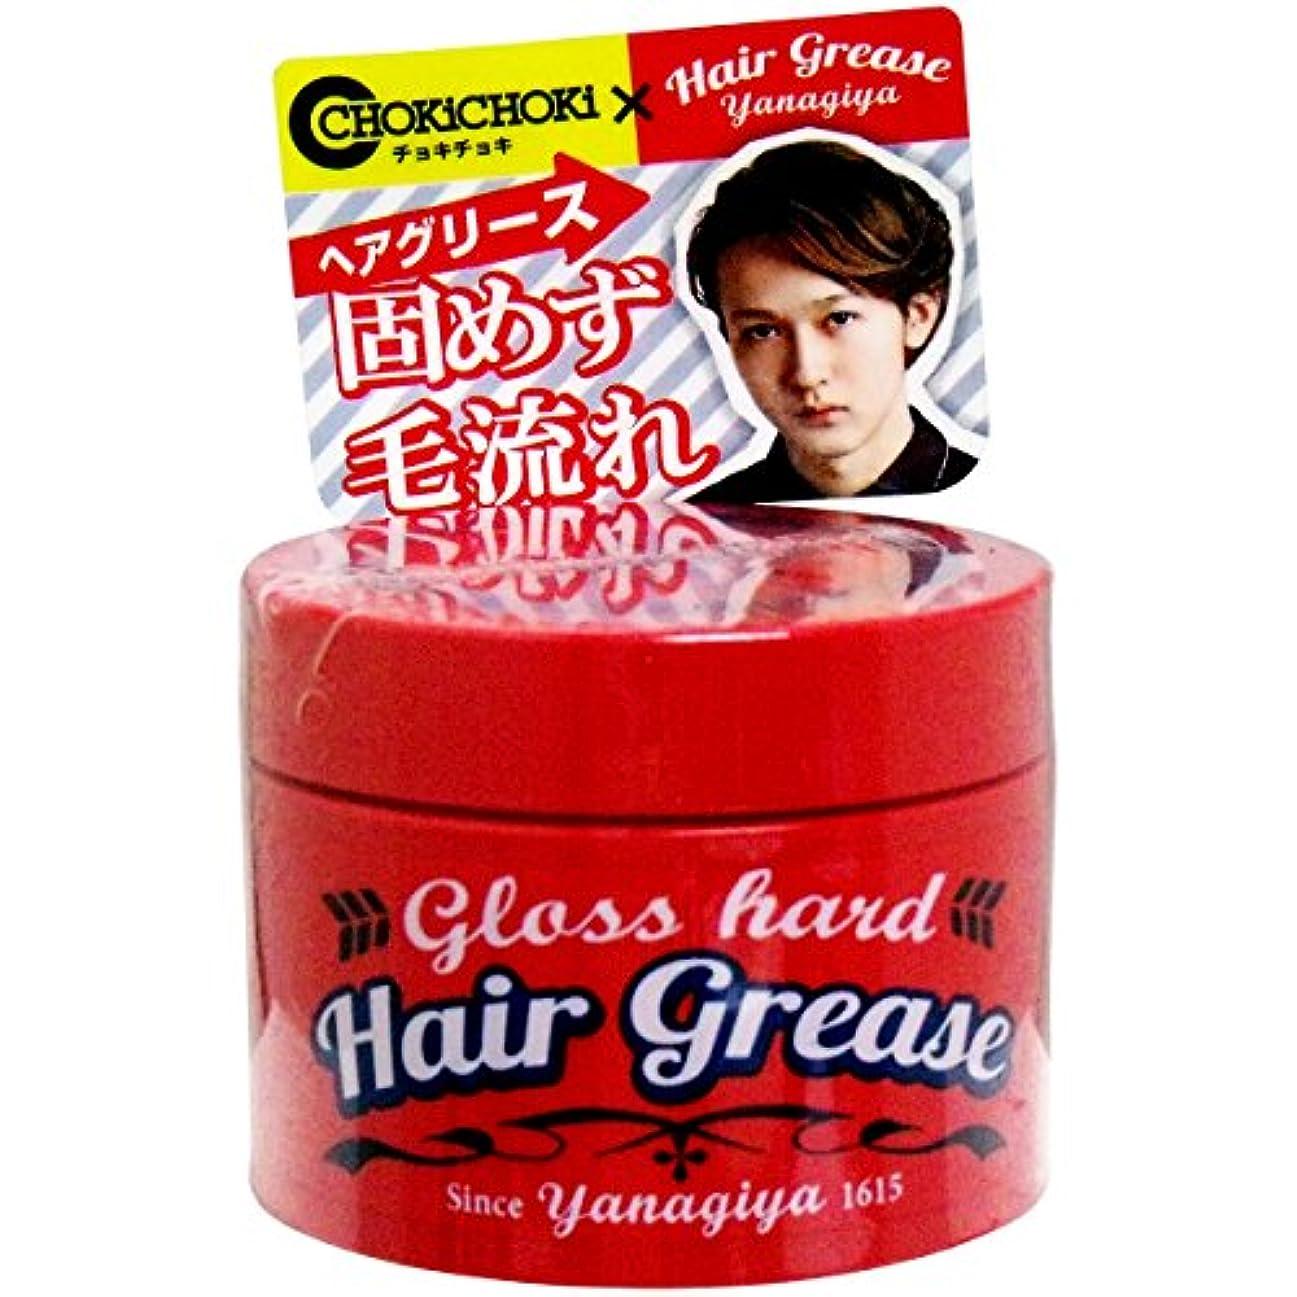 懐起訴する対処するヘアワックス 固めず毛流れ 使いやすい YANAGIYA ヘアグリース グロスハード 90g入【2個セット】